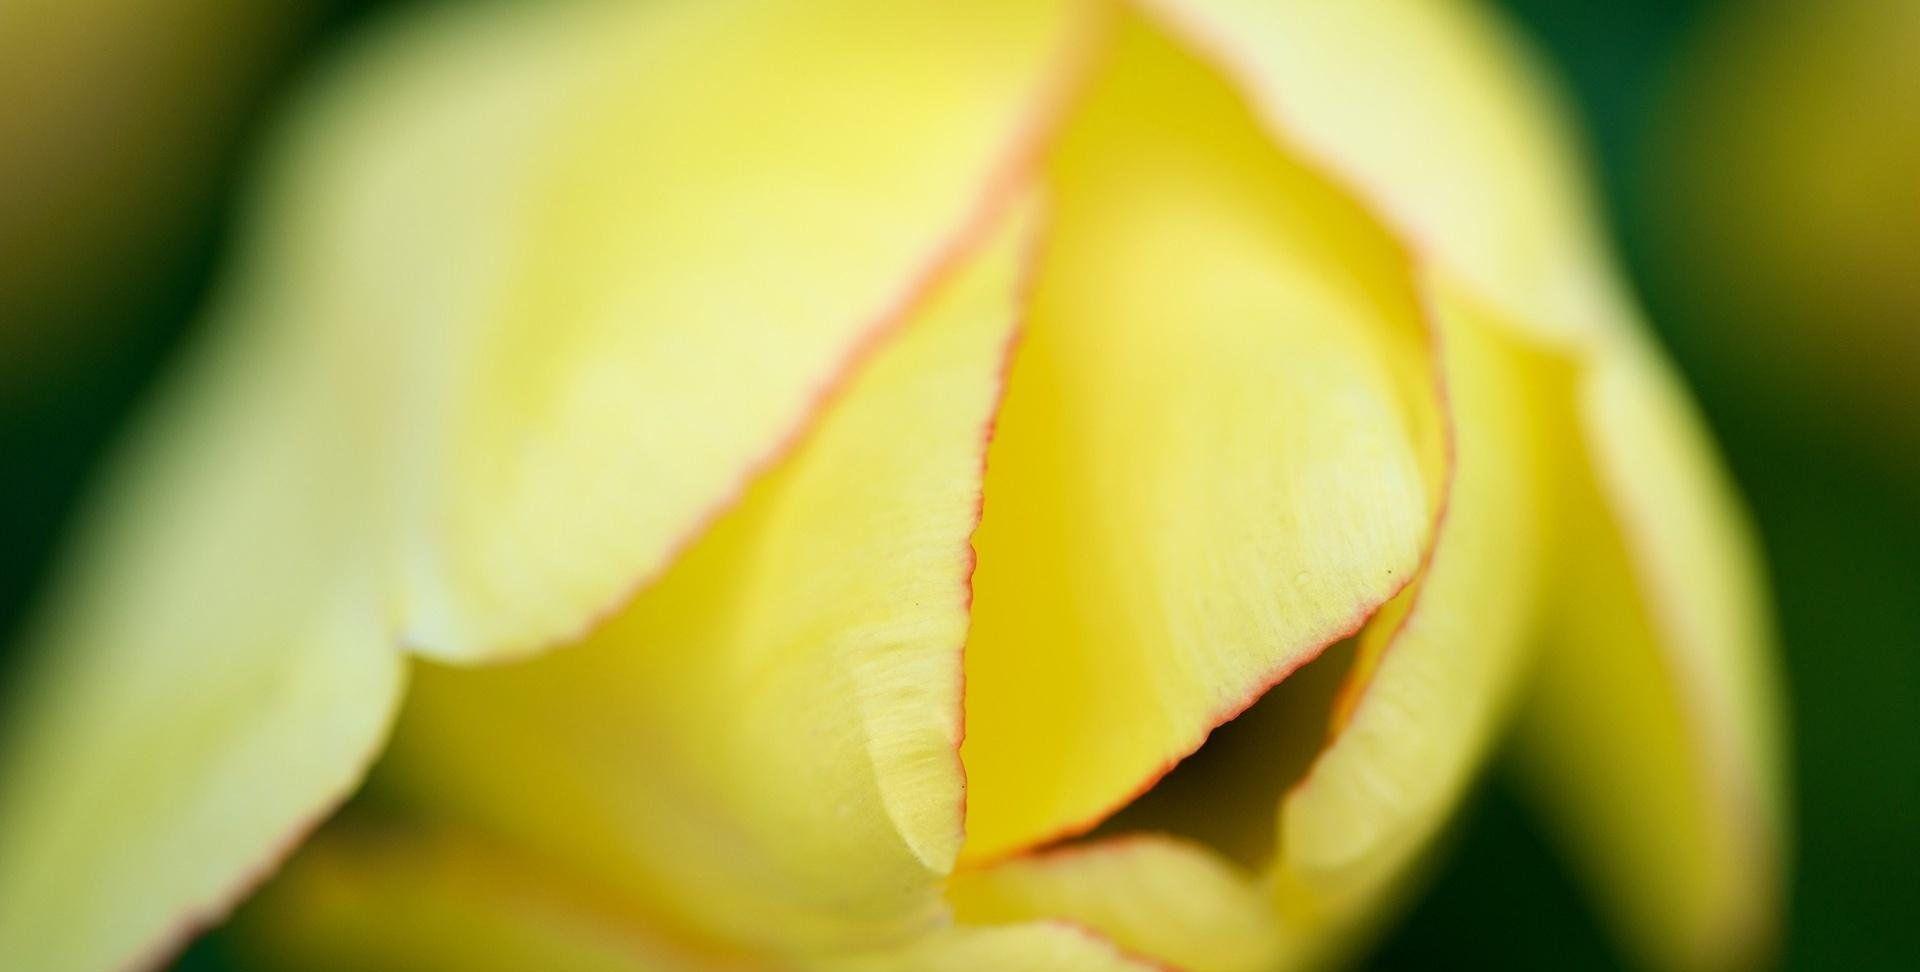 清新护眼植物高清图片桌面壁纸,分辨率:1920x1080